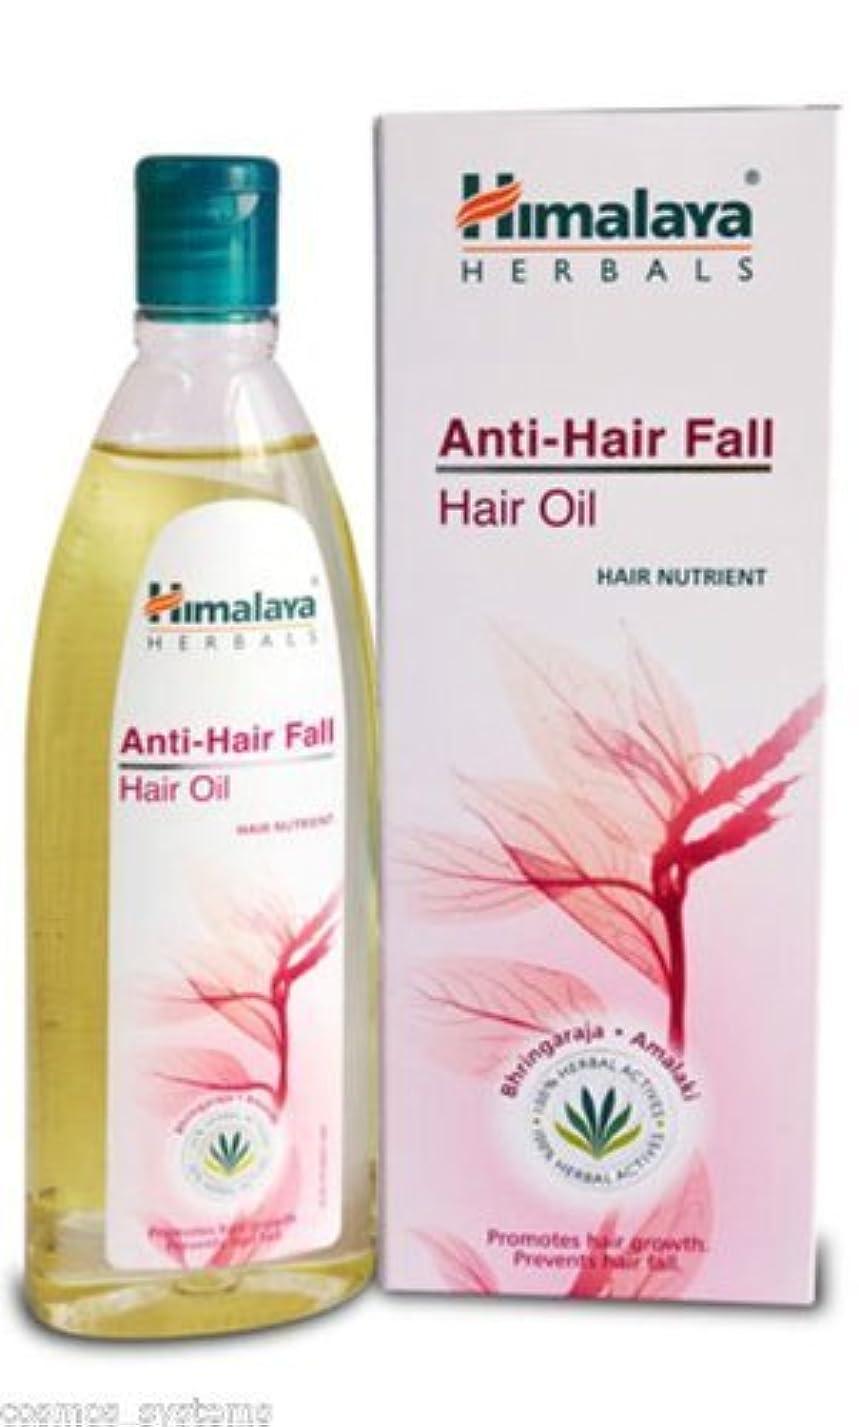 関係するランタン意識Himalaya Anti-Hair Fall Hair Oil 200ml by Himalaya [並行輸入品]